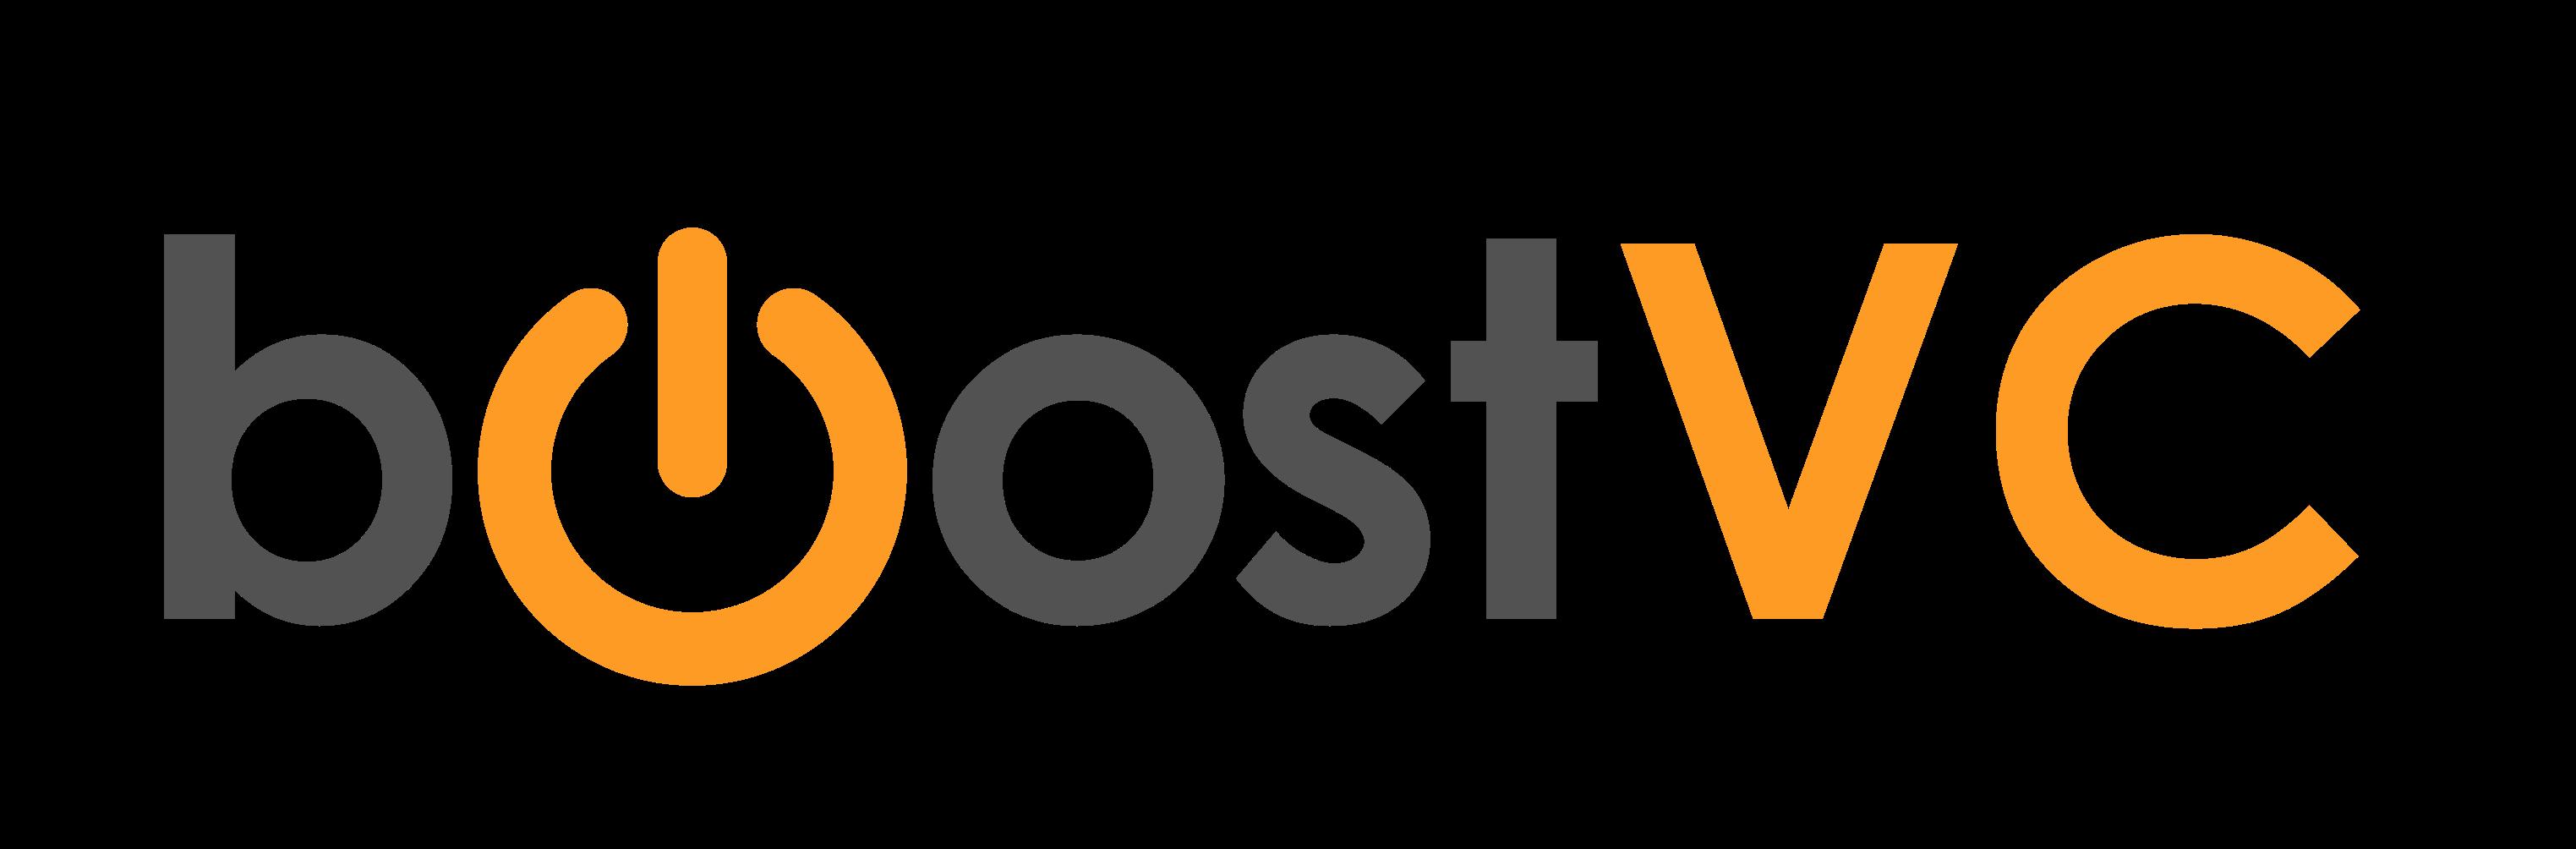 Boost.VC